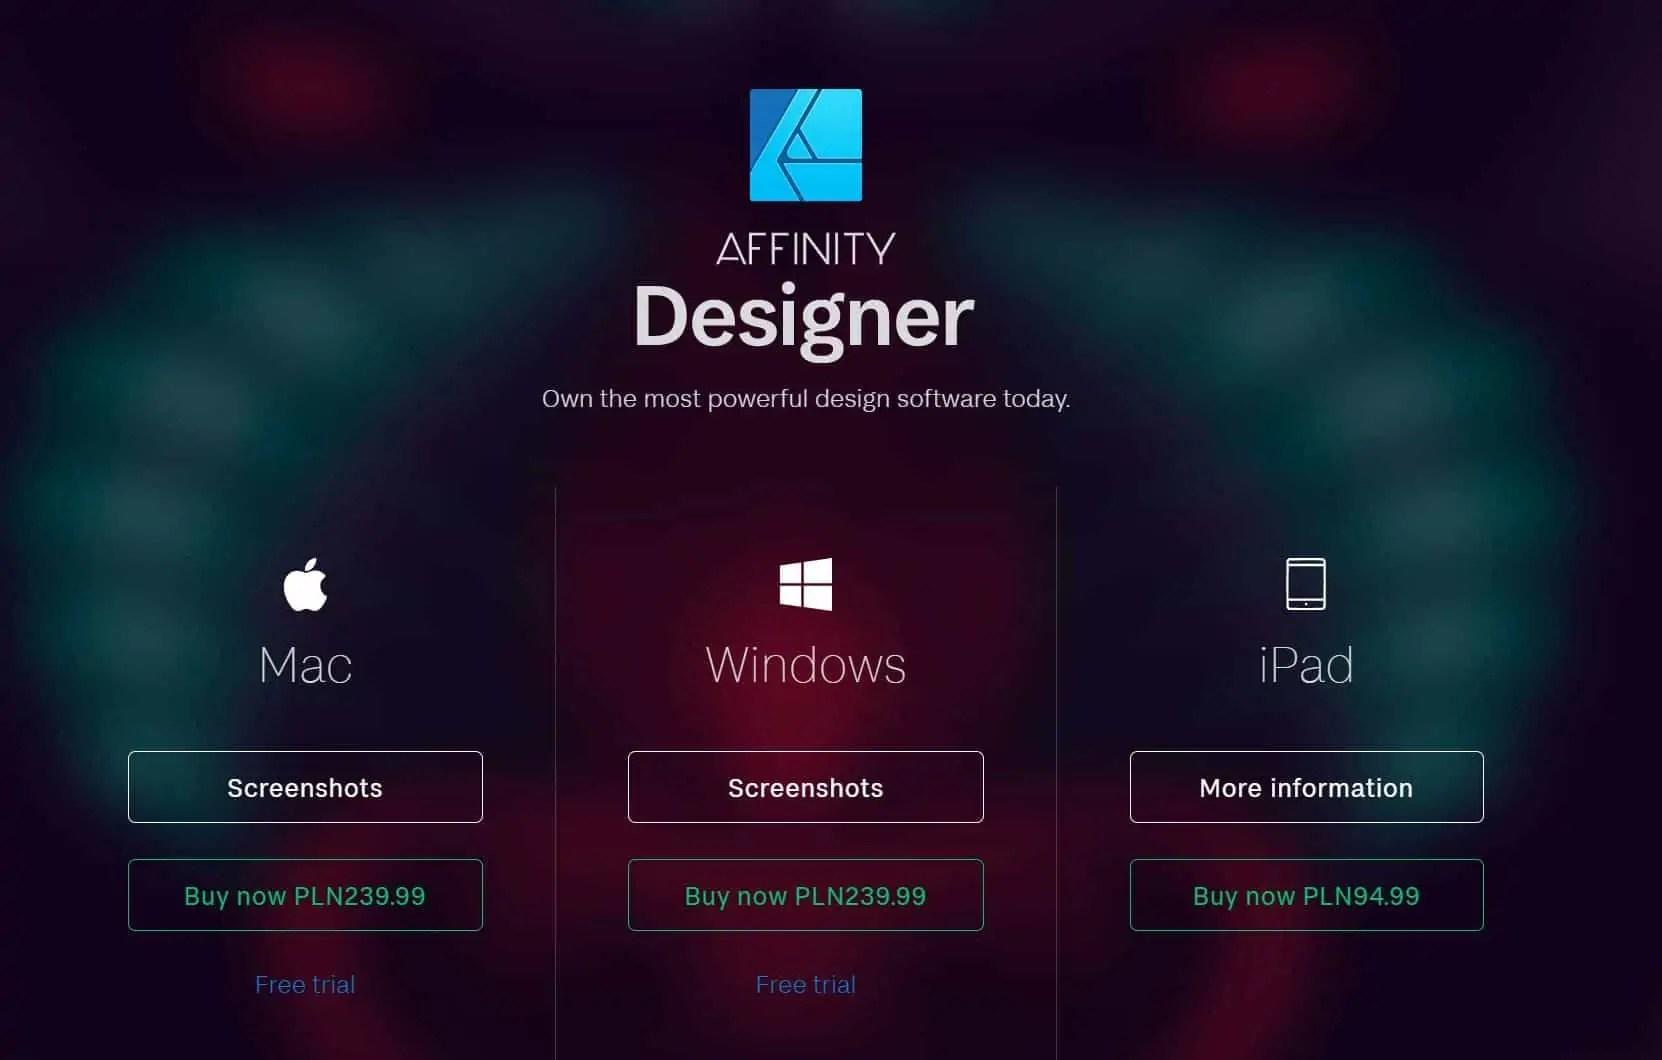 koszt affintiy designer - Affinity photo po polsku 5 najważniejszych zalet !